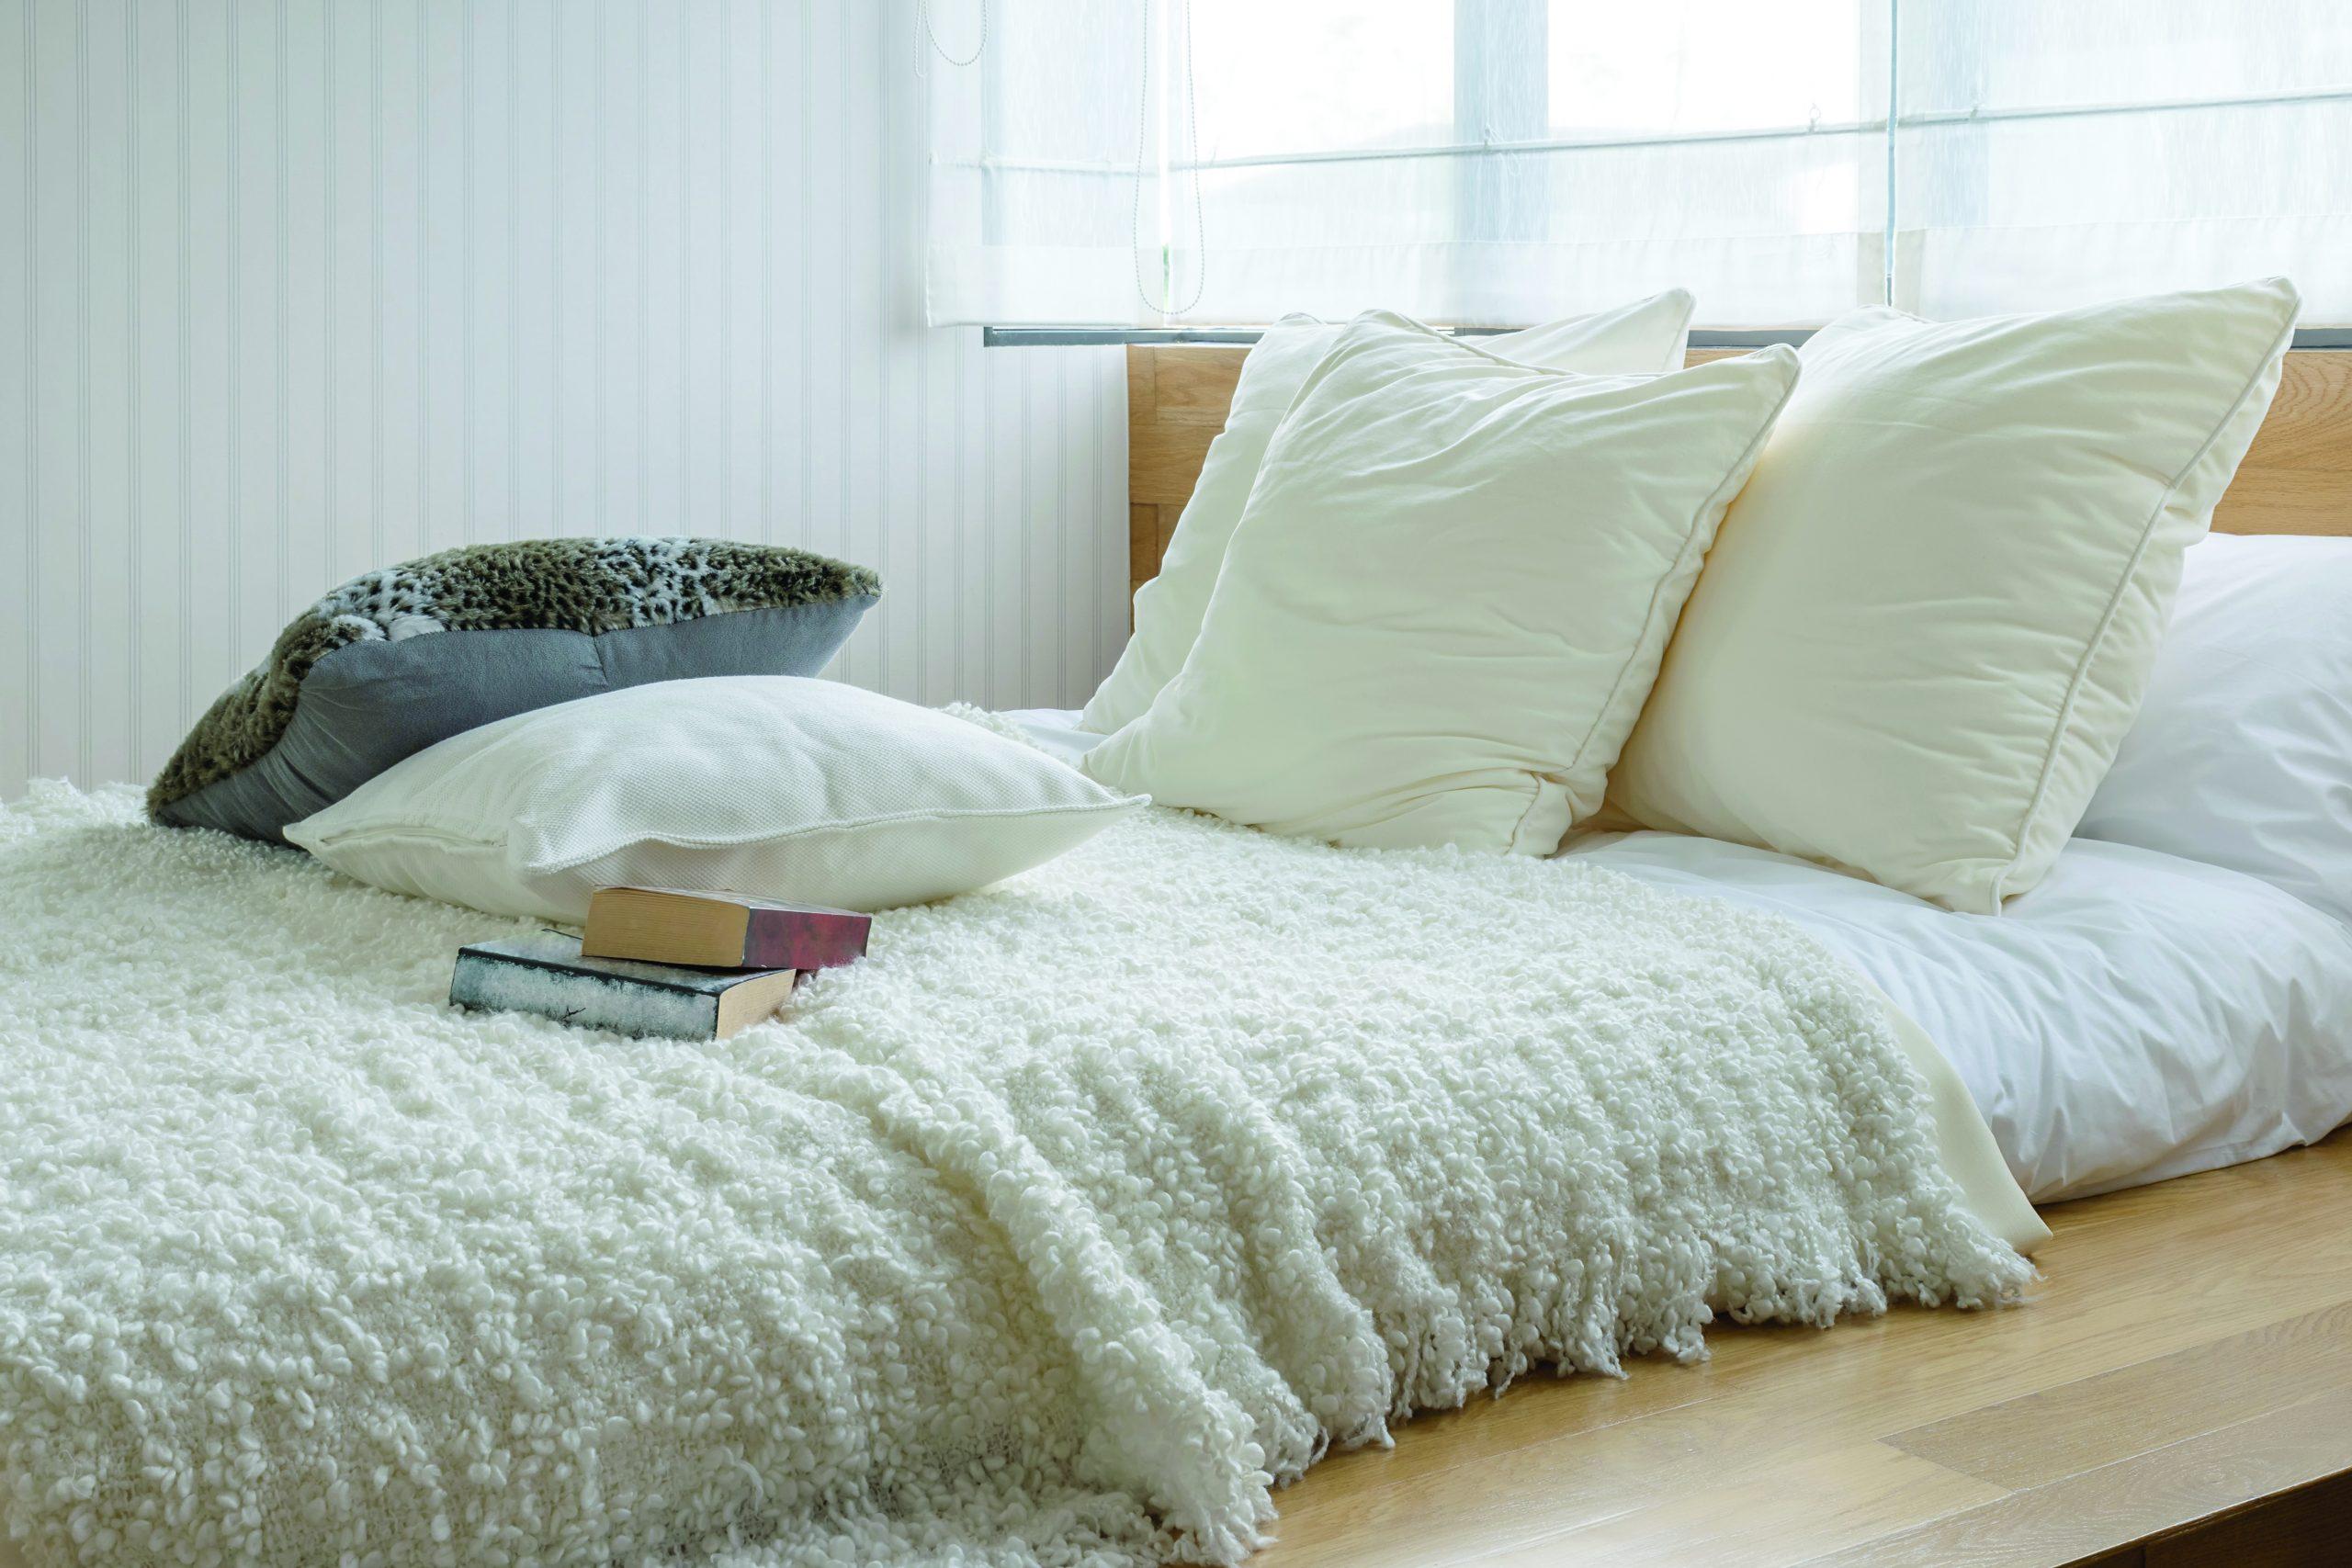 Un matelas 100% pure laine, vous y avez pensé ?